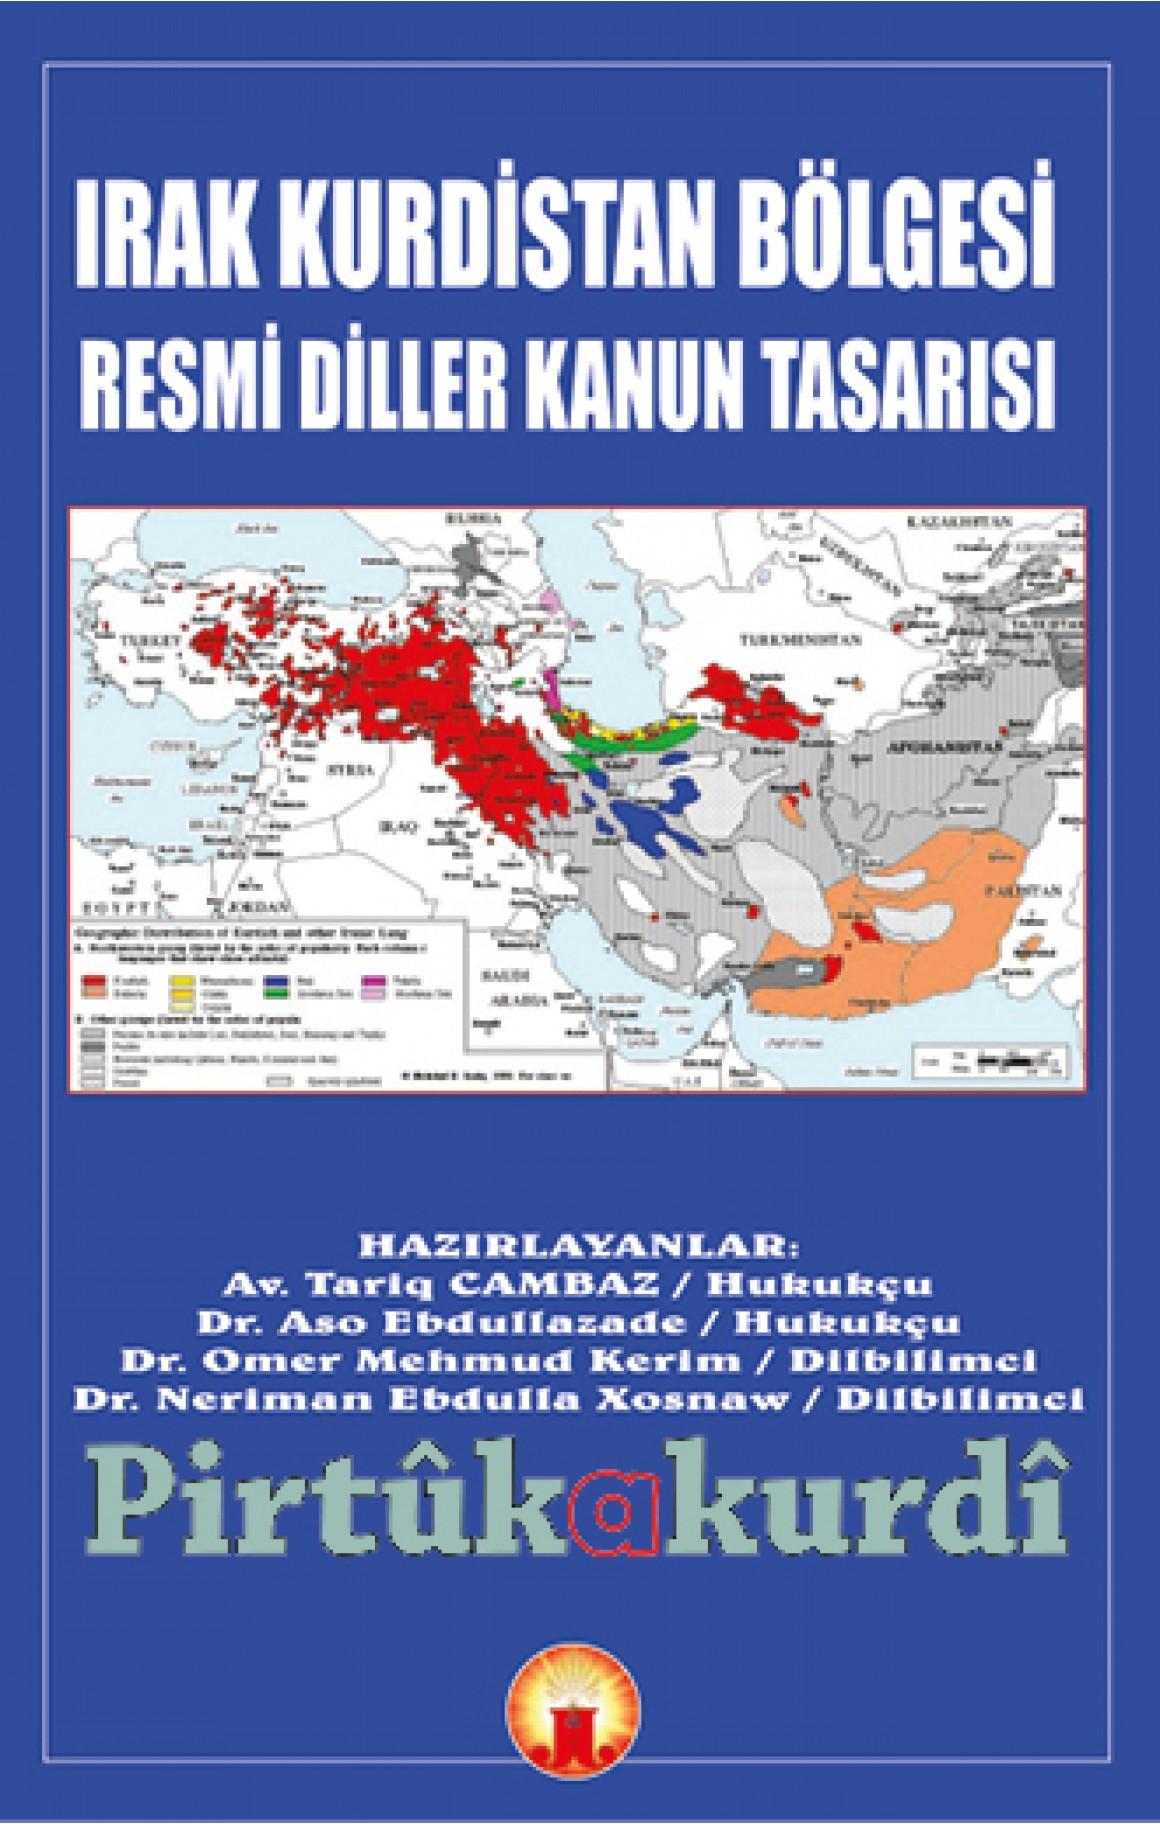 Irak Kurdistan Bölgesi Resmi Diller Kanun Tasarısı